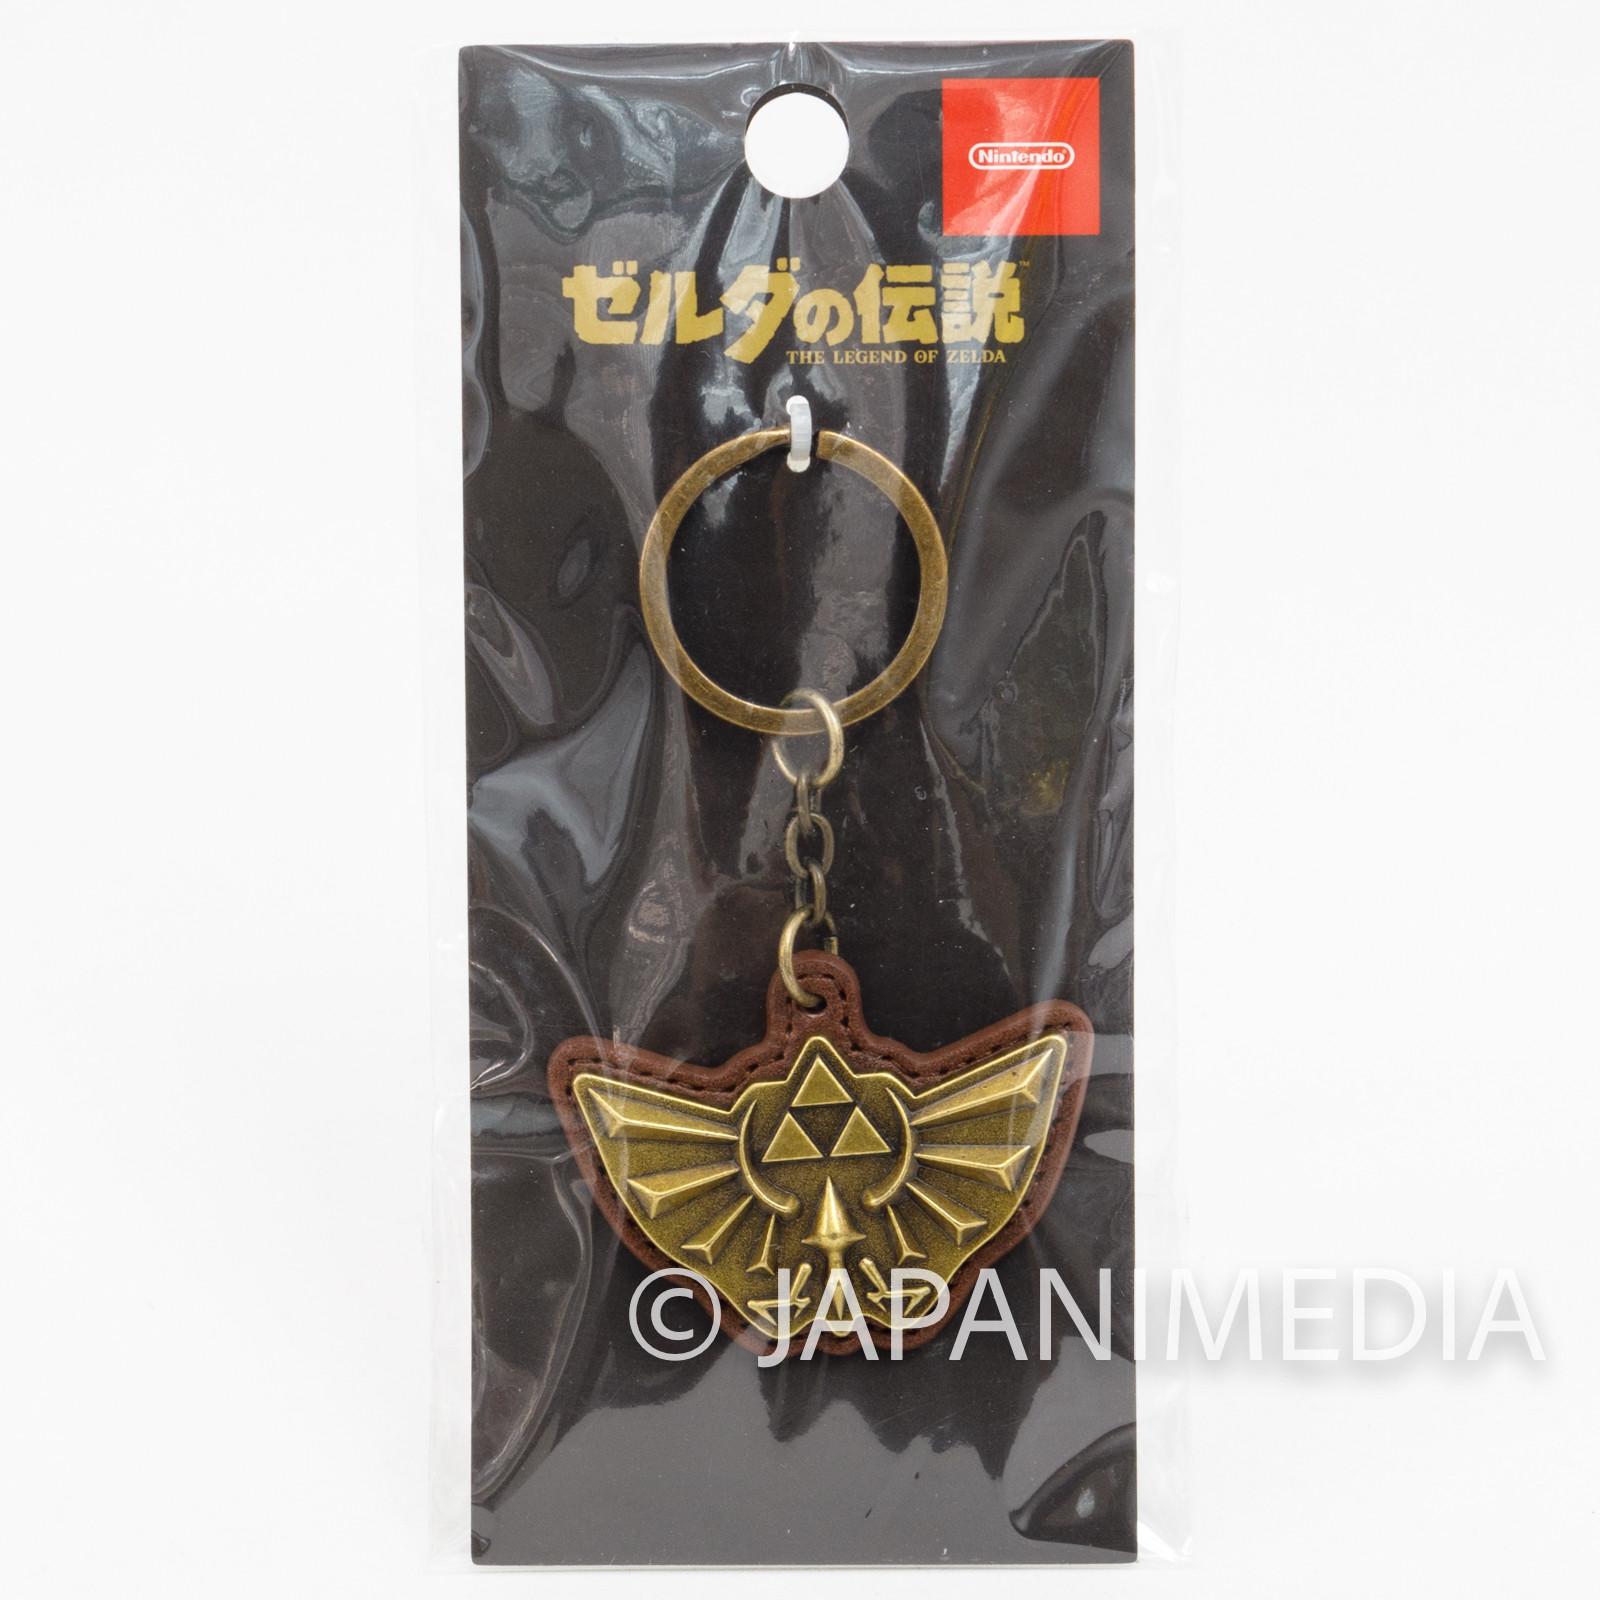 Legend of Zelda Hyrule Emblem Keychain NINTENDO JAPAN GAME NES